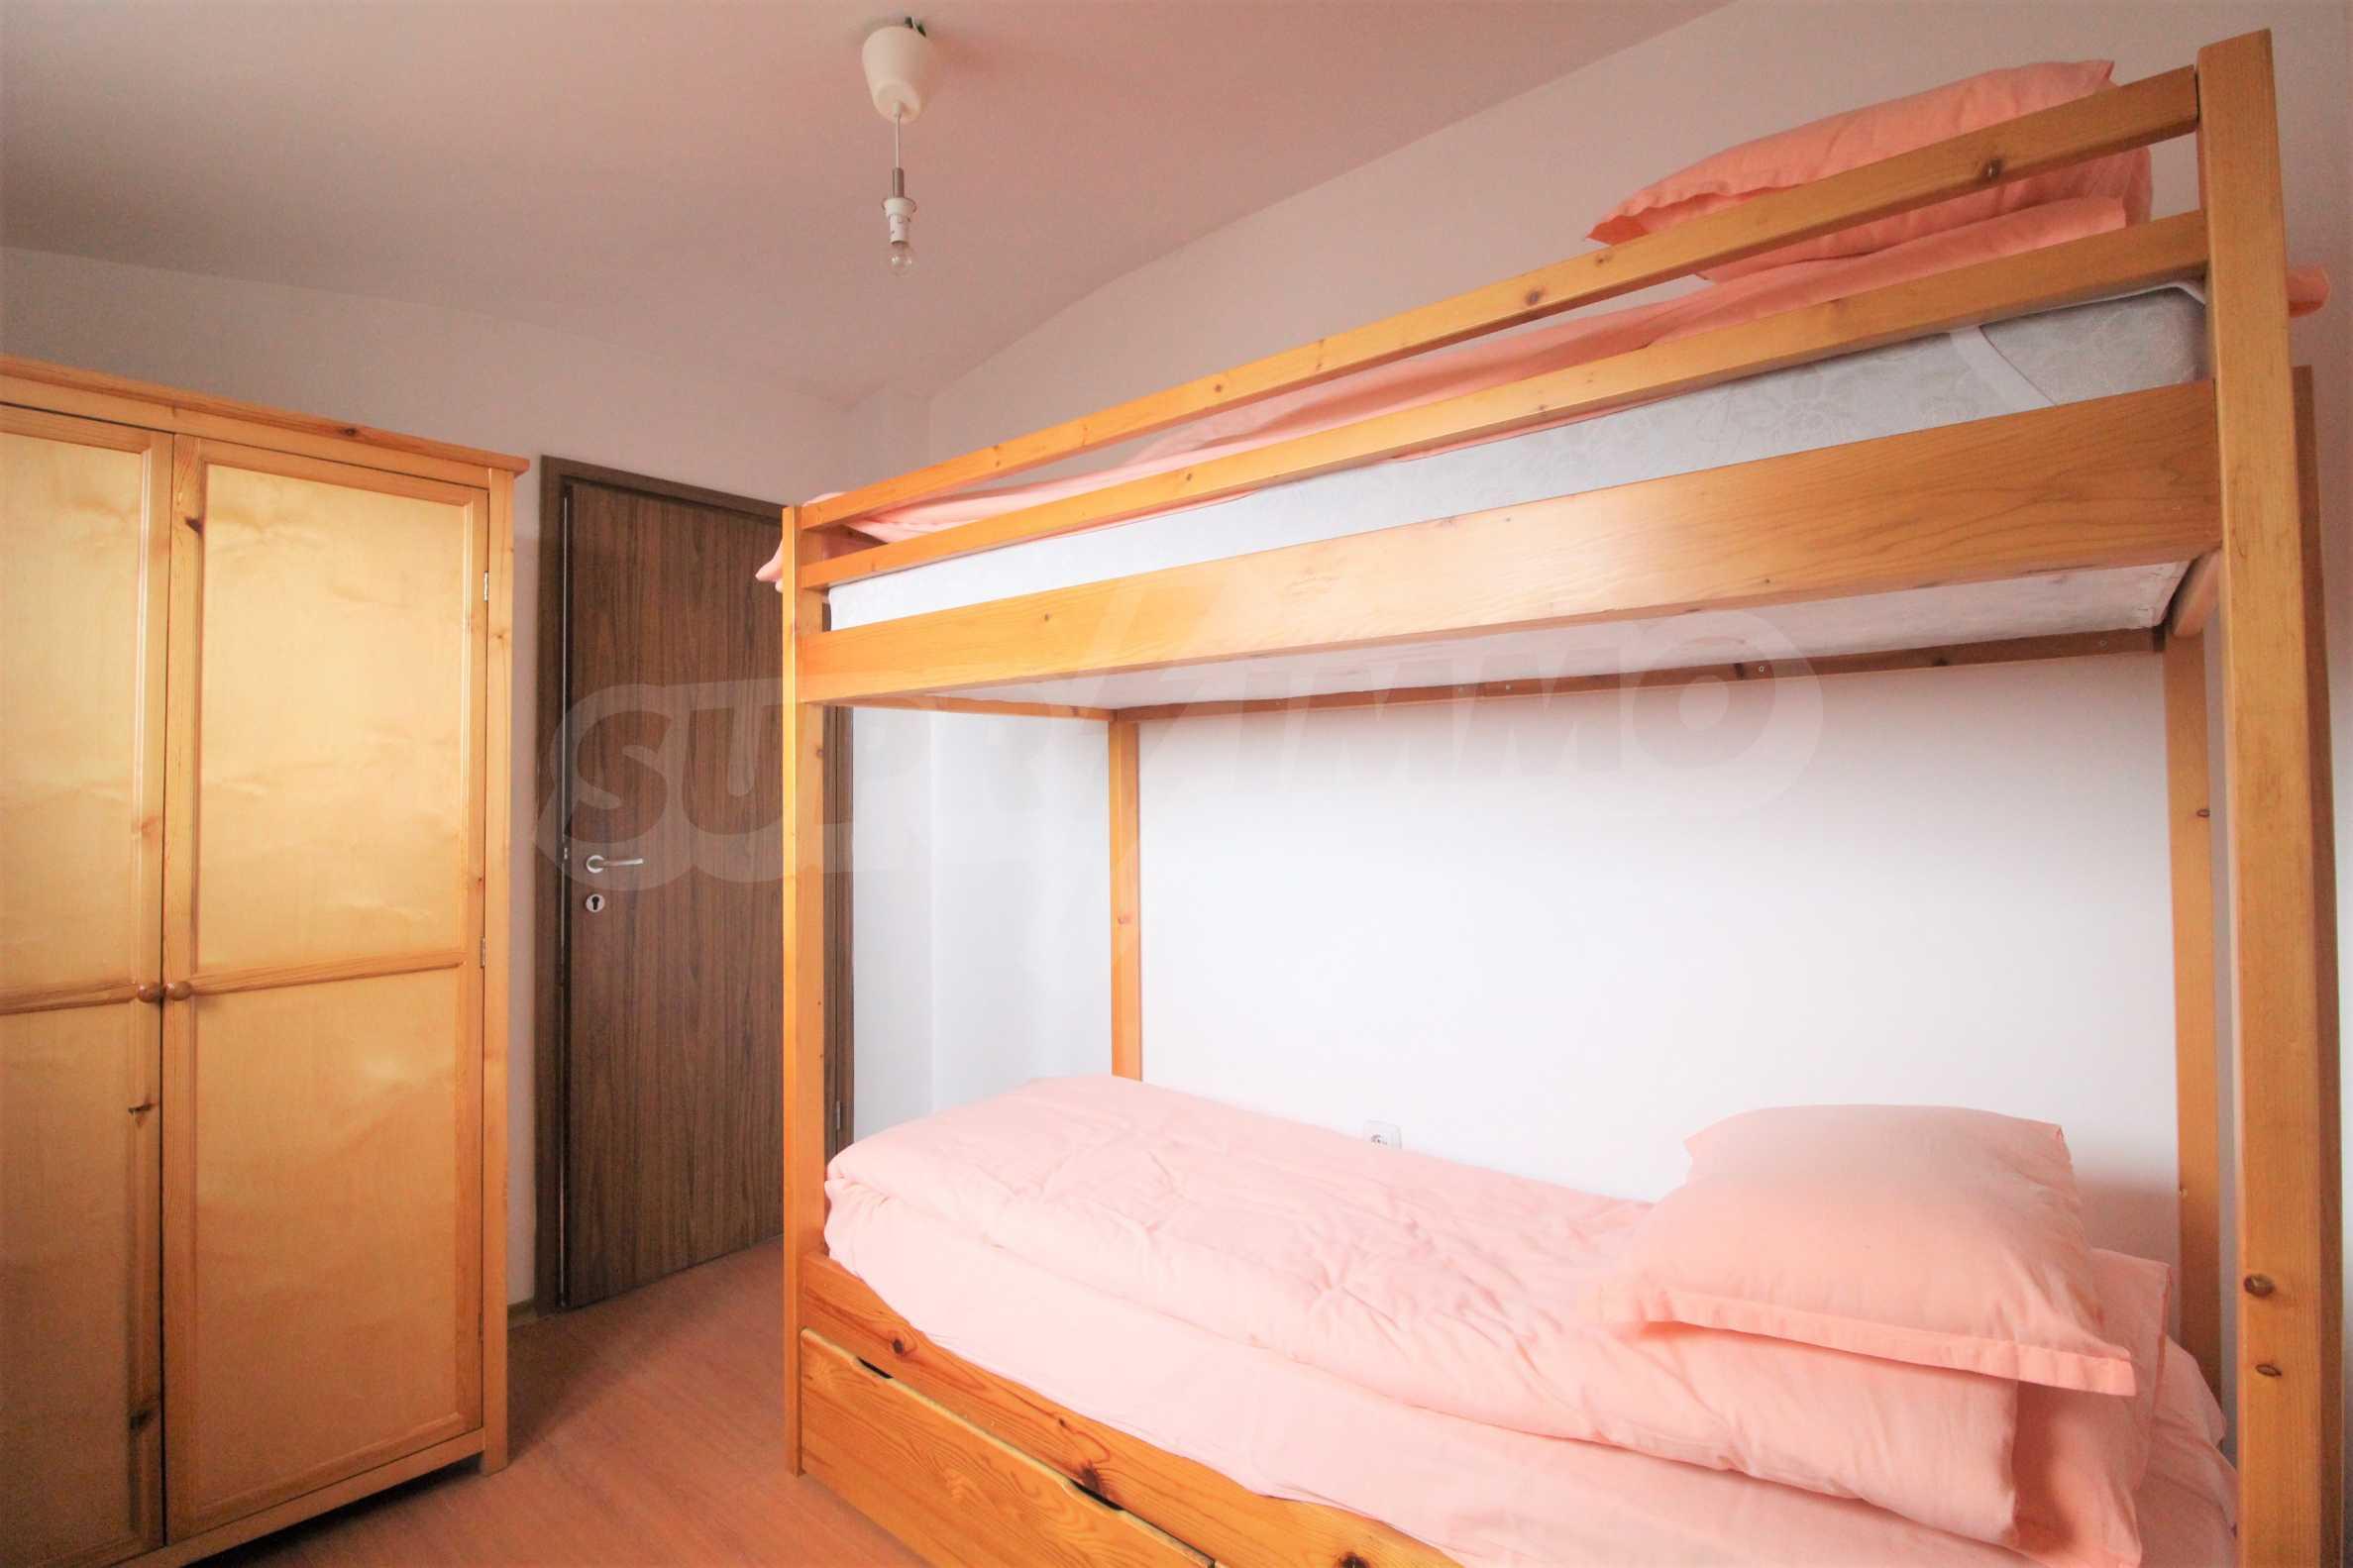 Обзаведен имот в близост до ски лифта в град Банско  4